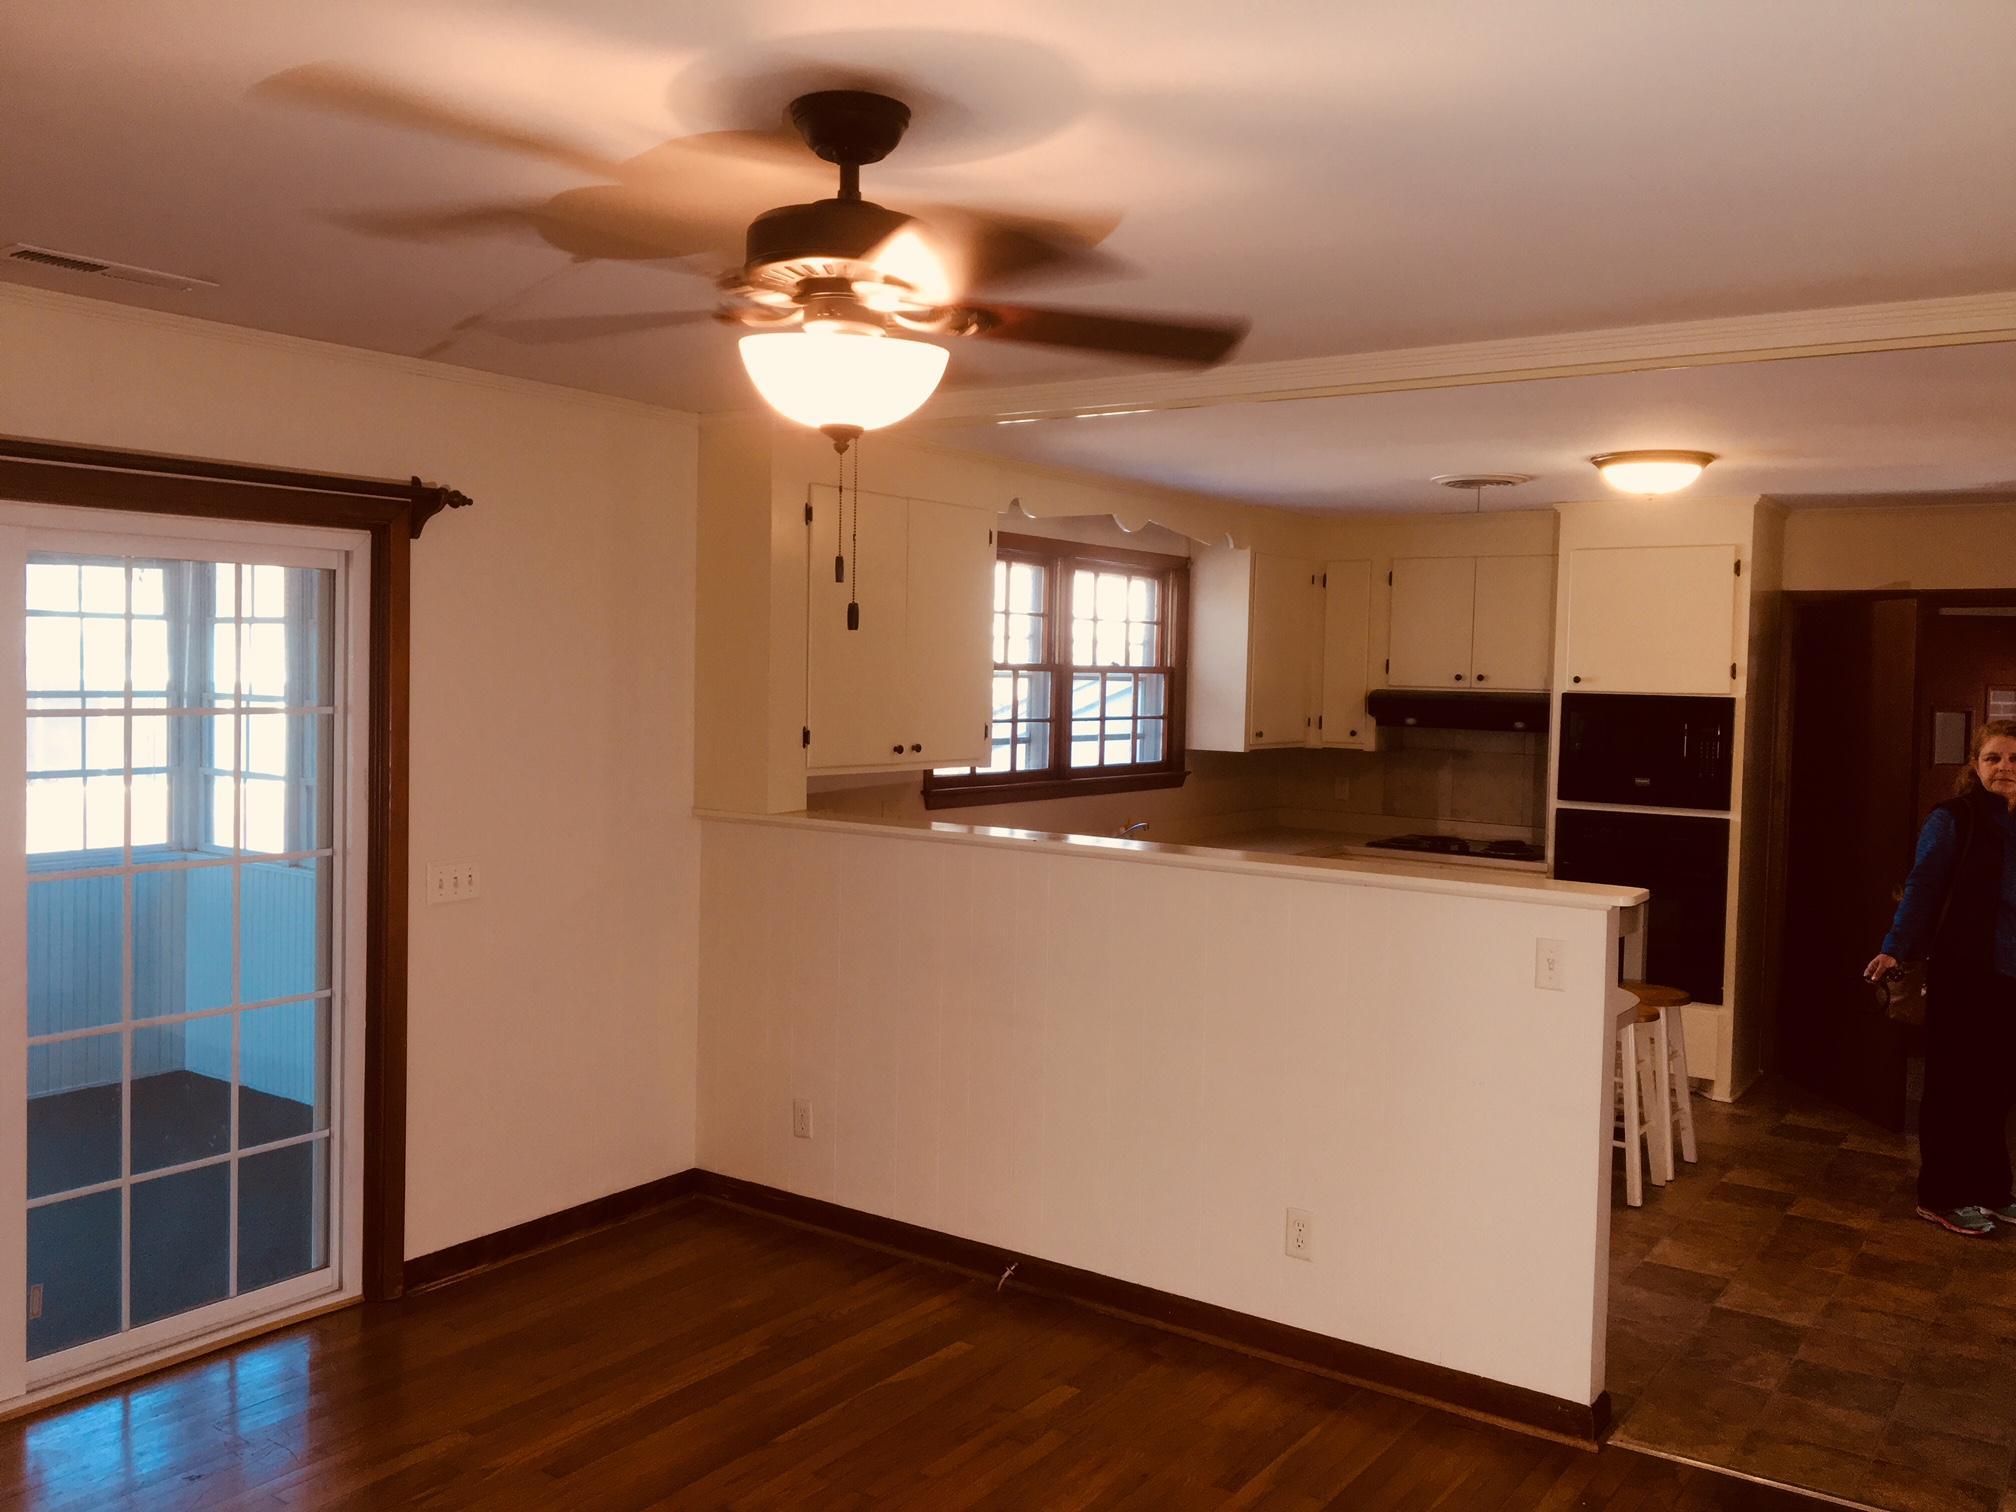 Shemwood Homes For Sale - 1146 Saint Elizabeth, Mount Pleasant, SC - 13